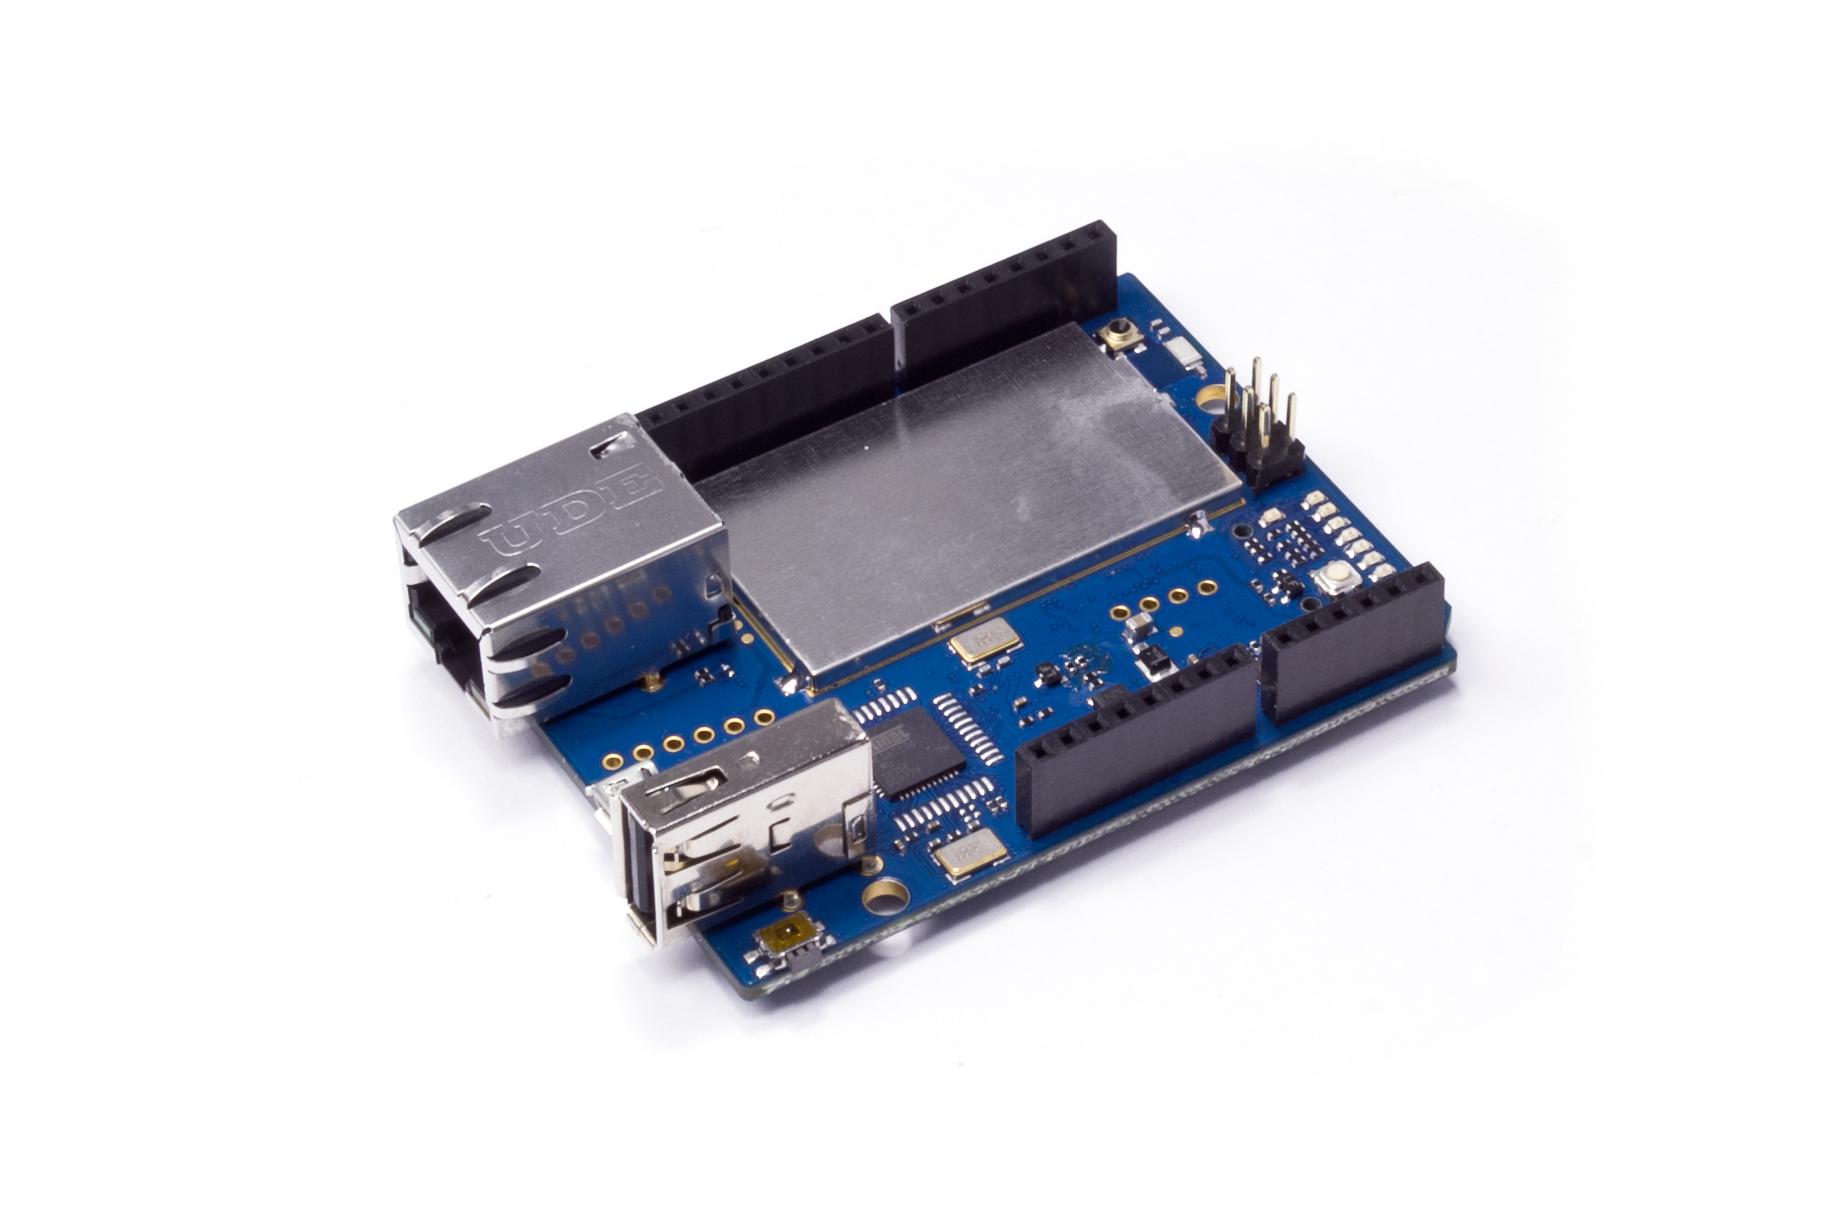 Llega la primera placa de Arduino con WiFi y Linux